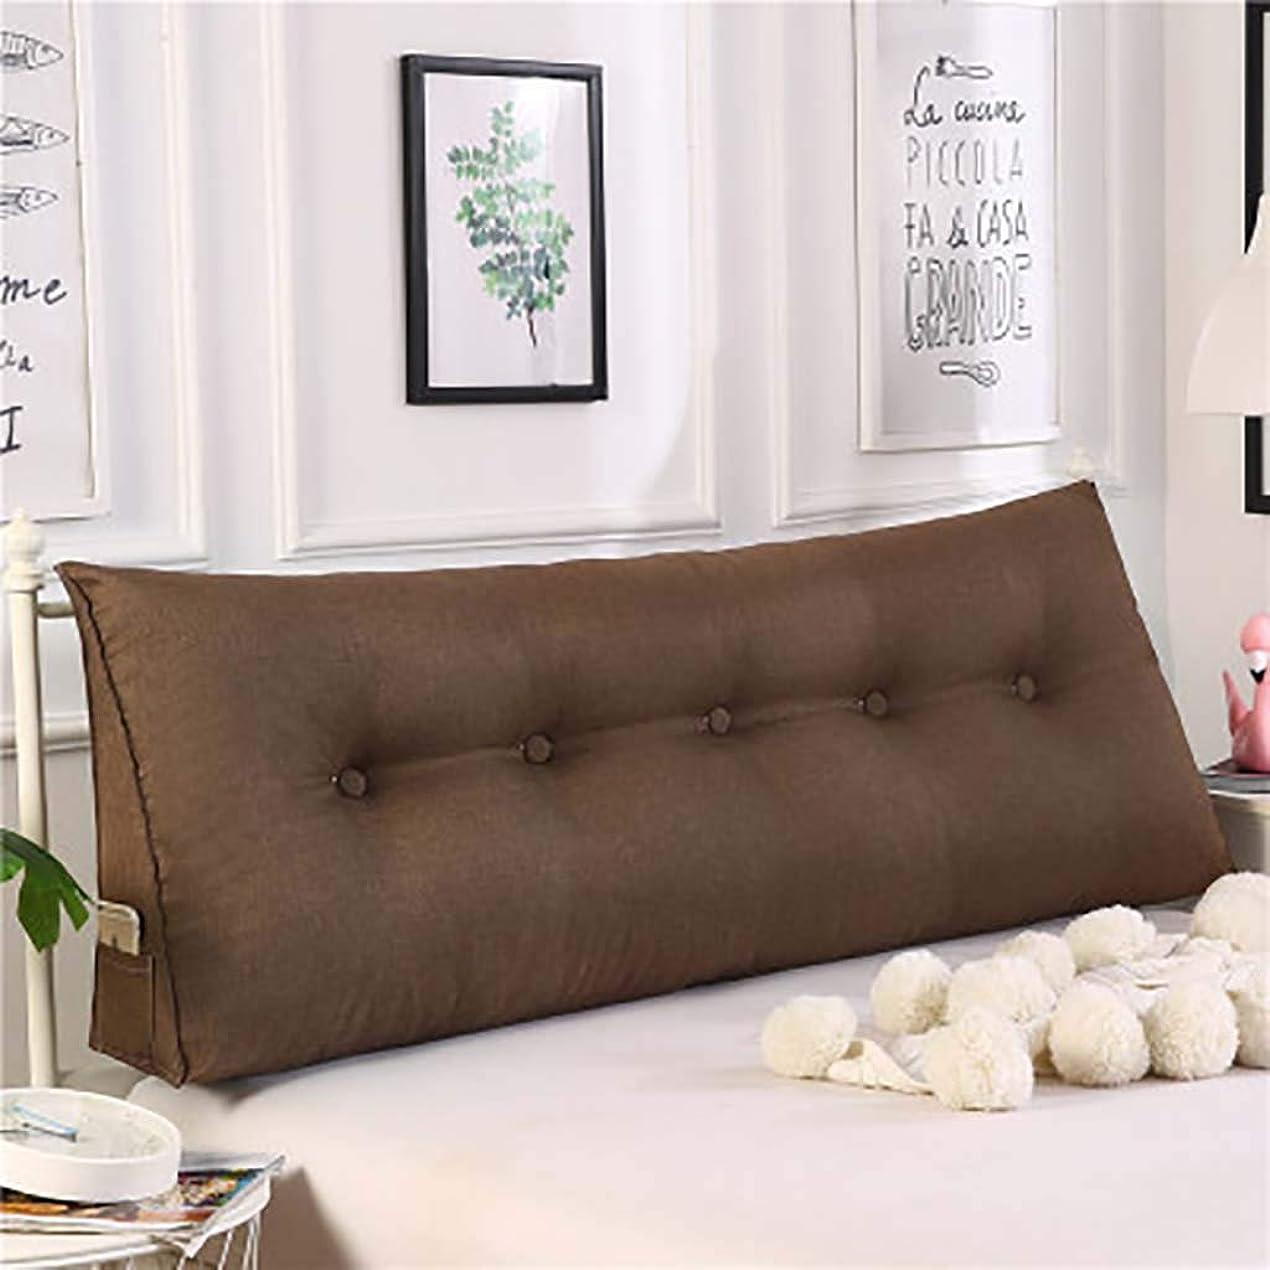 乱れずっと直接三角 ウェッジ枕,ベッド 戻る クッション,3-次元 ベッド 背もたれ 枕 ダブル ヘッドボード クッション 畳 読ん 背もたれ-コーヒー色 180x50x20cm(71x20x8inch)